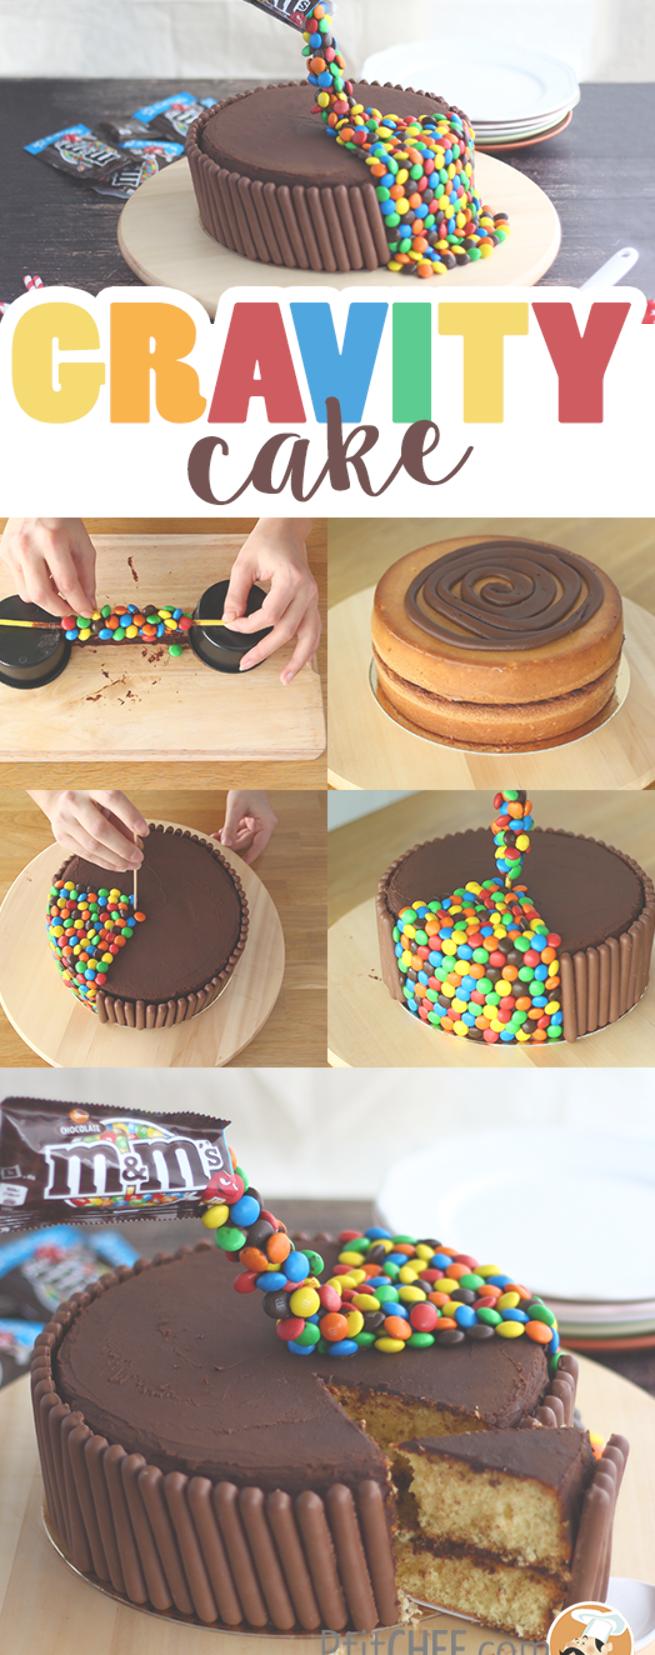 Gravity cake pour un anniversaire // #ptitchef #recette #cuisine #dessert #patisserie #GravityCake #chocolat #gravitycake